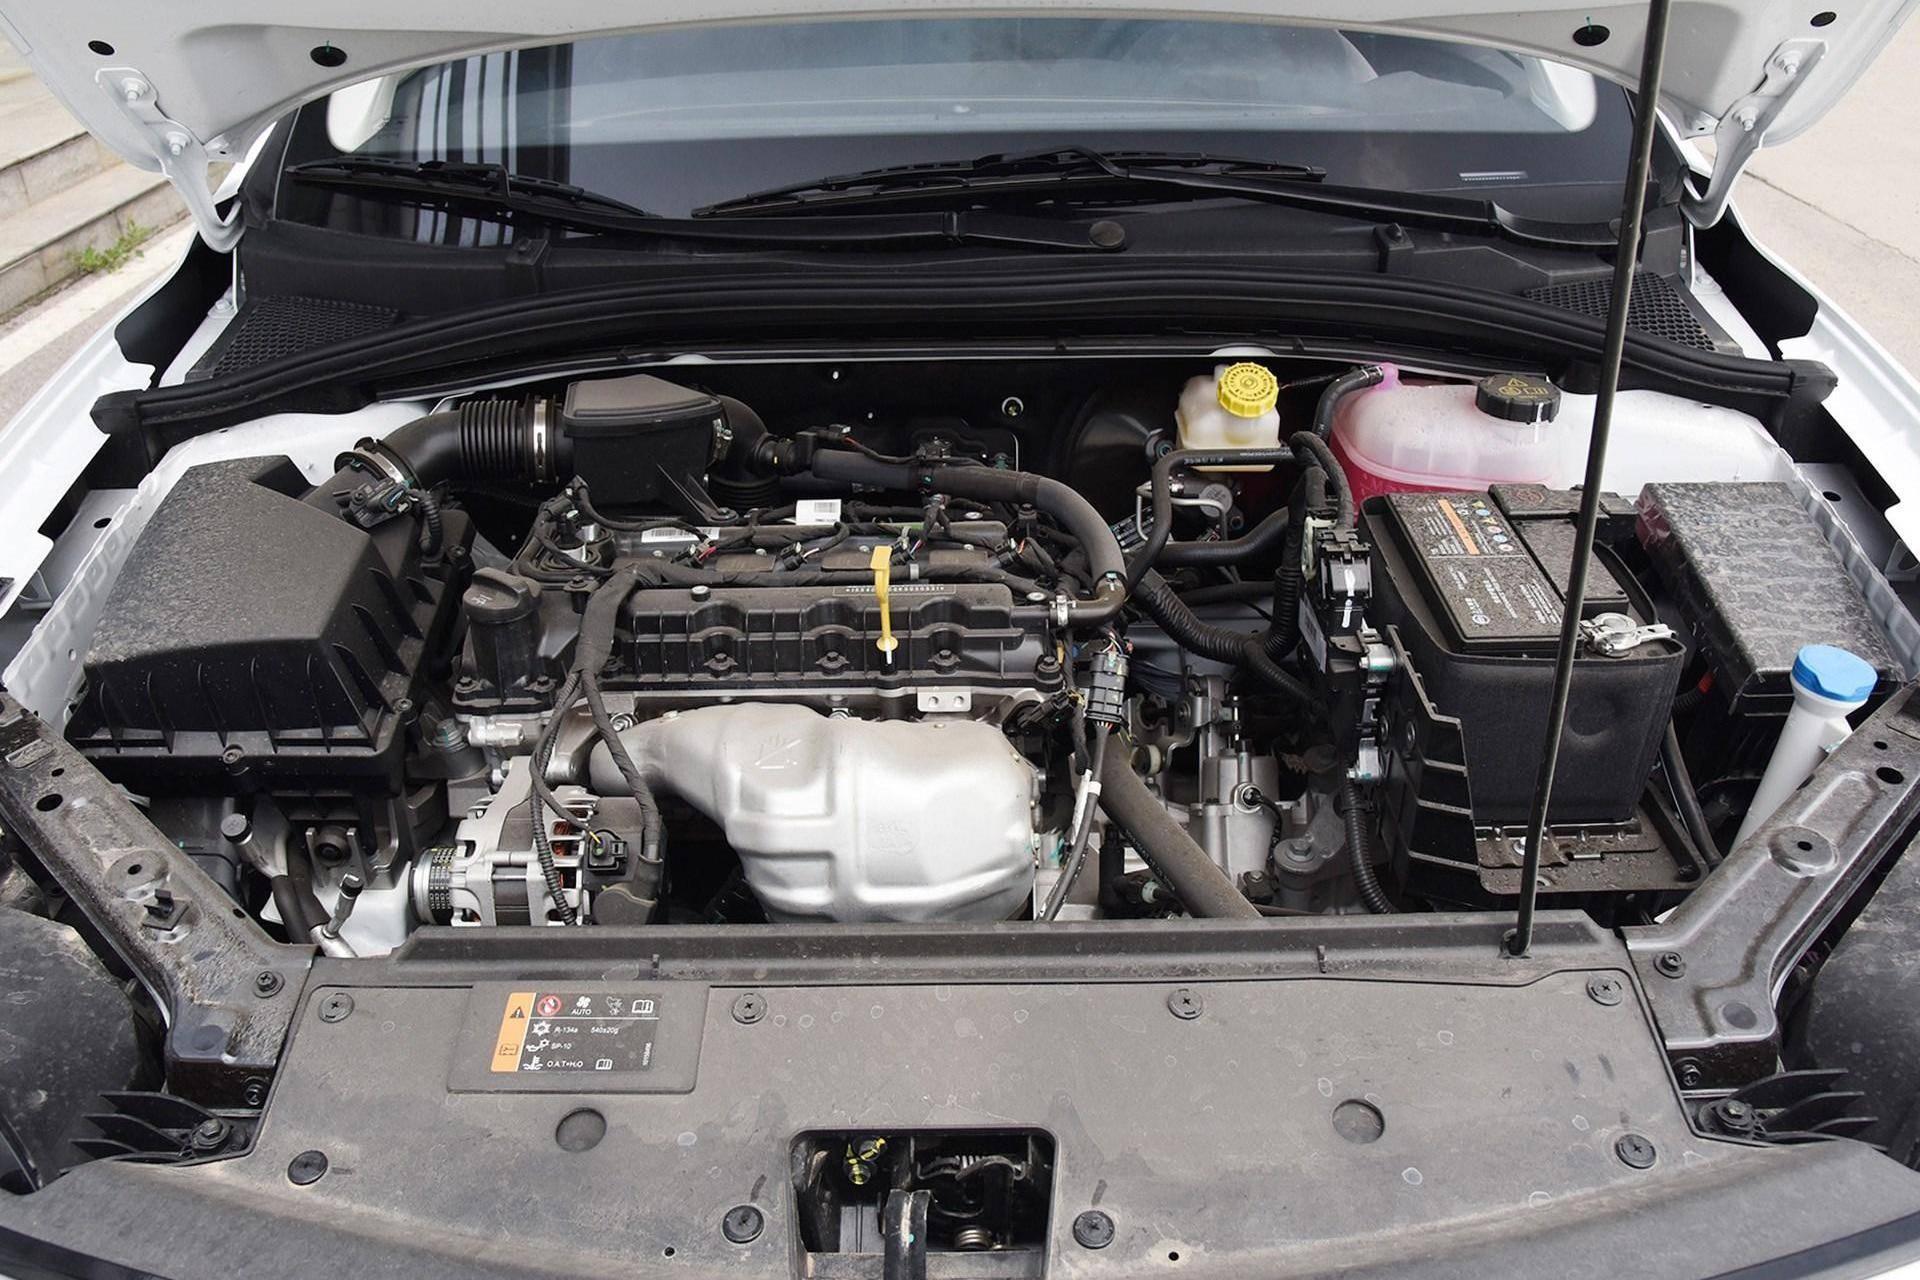 荣威首款燃油旅行车,集众家所长,能否让合资车追赶国产?